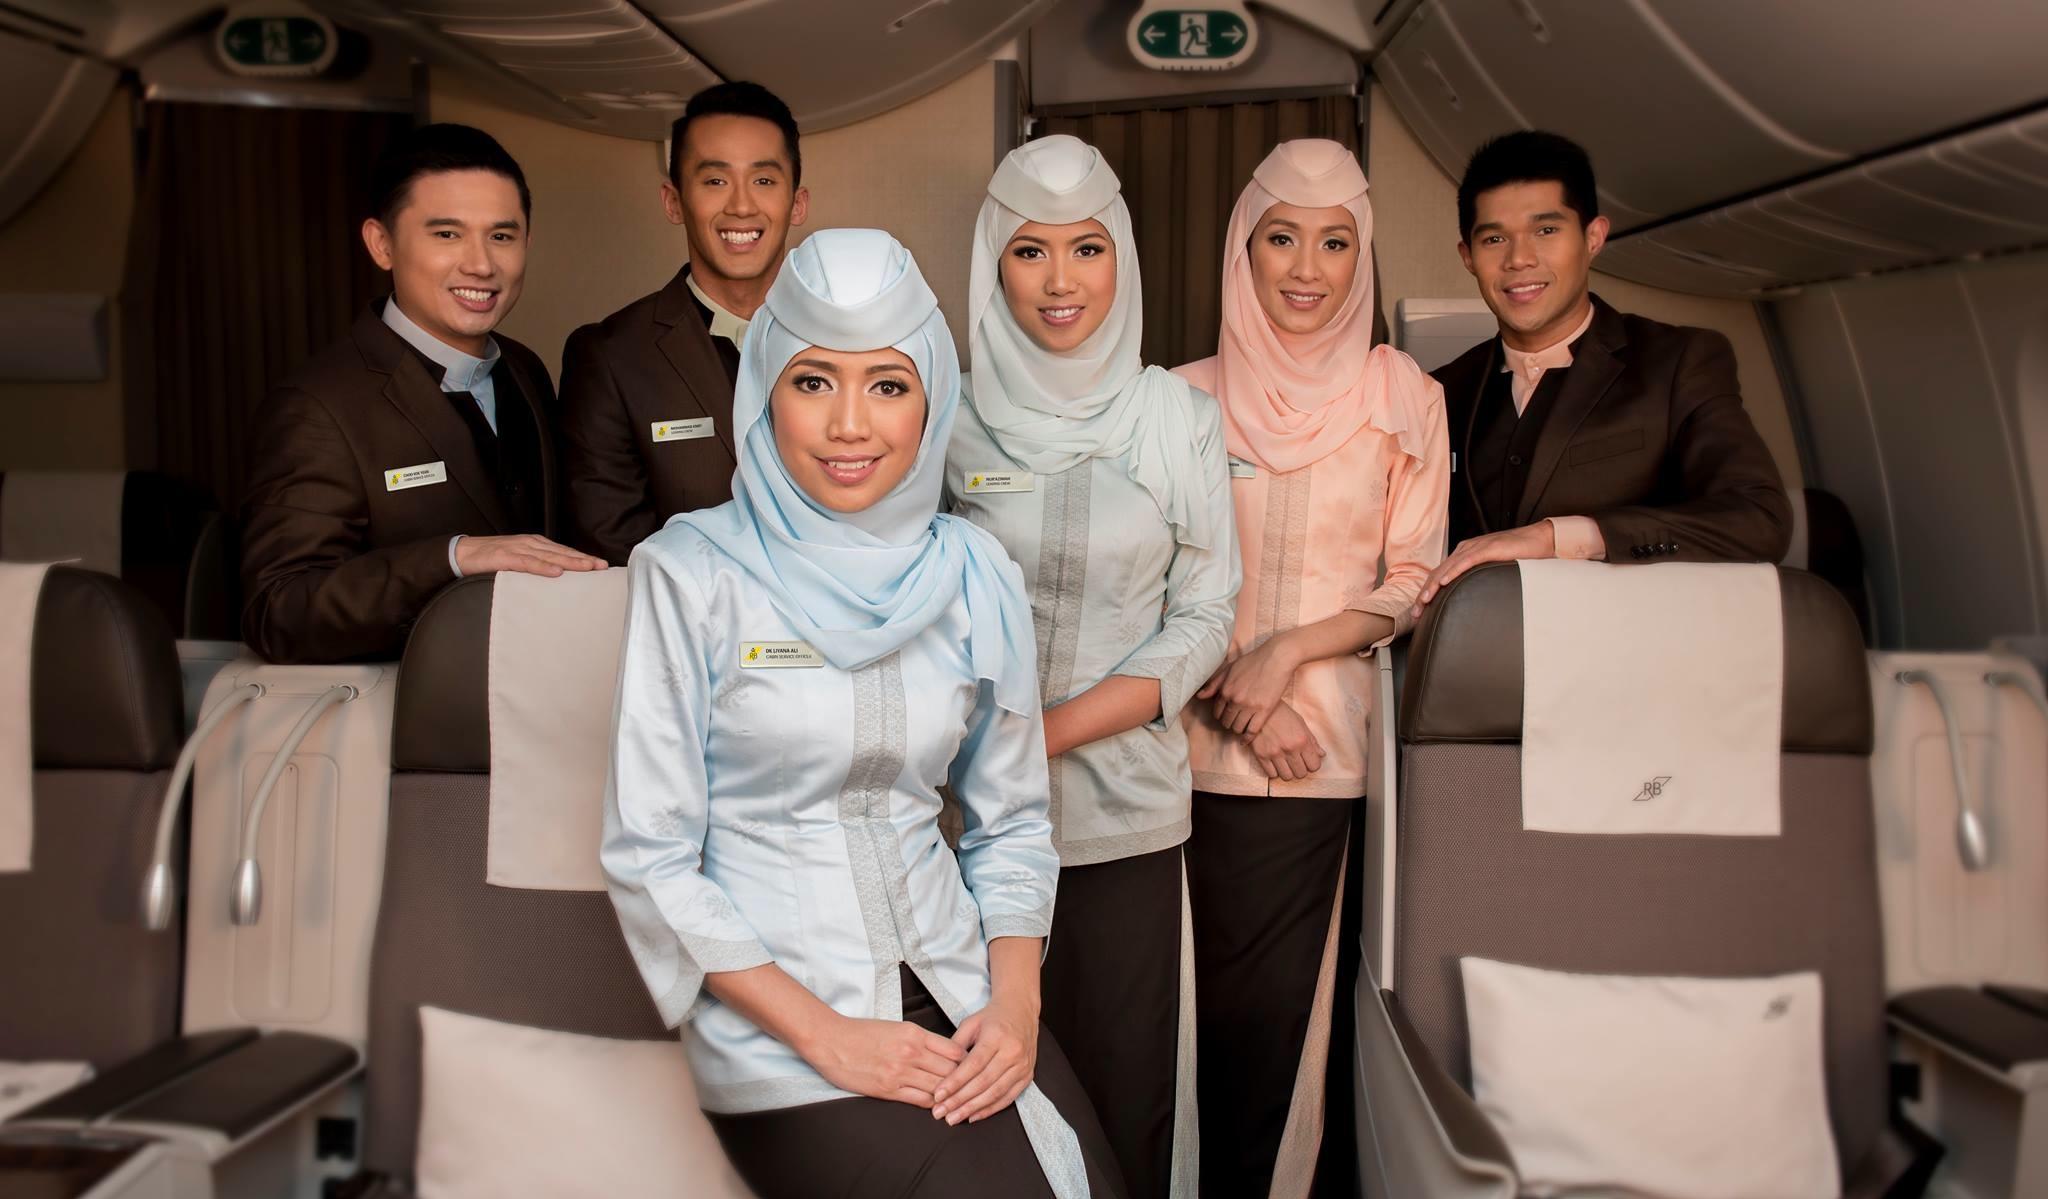 Mulai 26 Juli, rute Brunei-Denpasar akan dilayani empat kali per minggu.